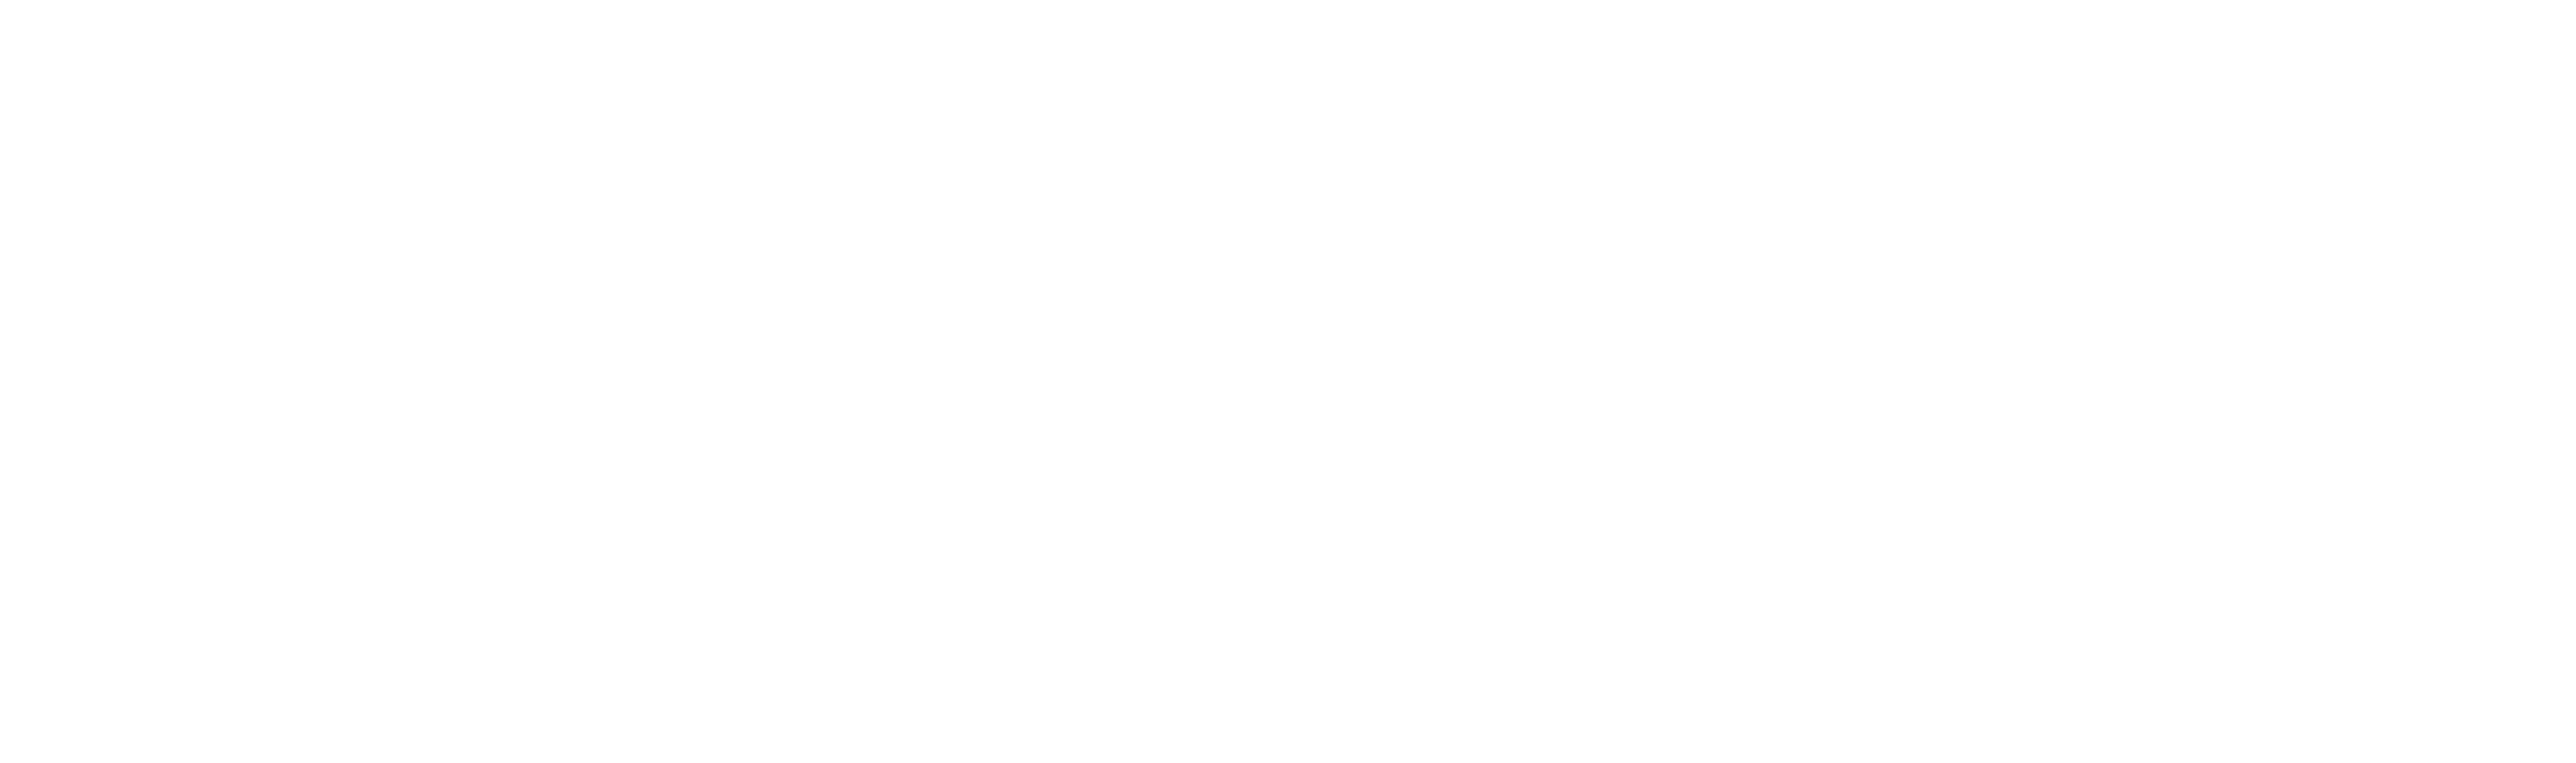 Viewlift Logo